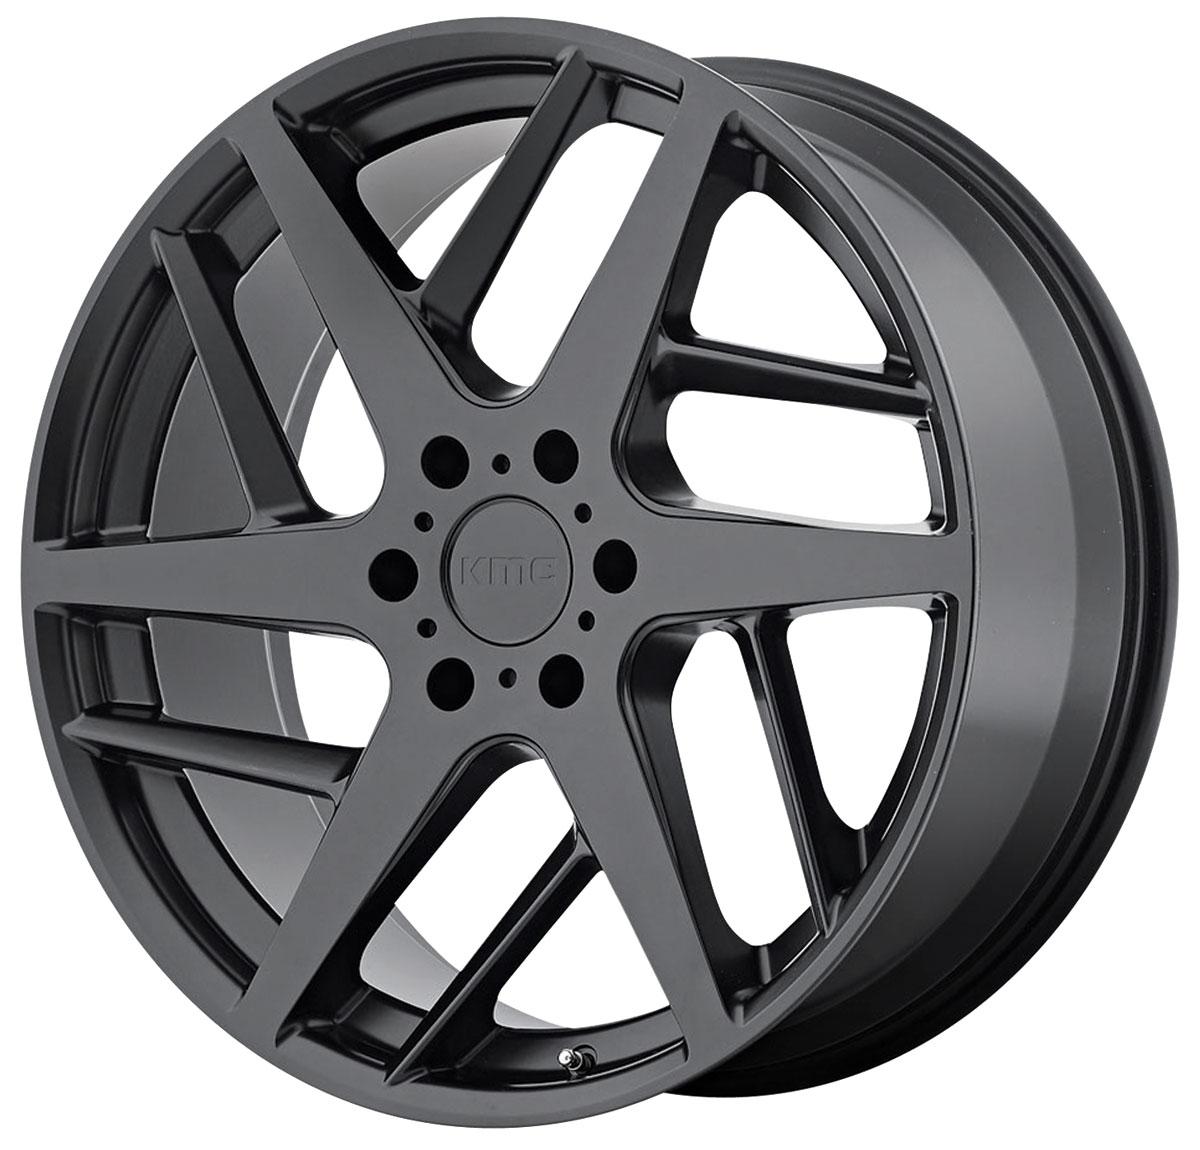 Wheel, KMC, KM699 Two Face, 1999-2019 Escalade, 22X9